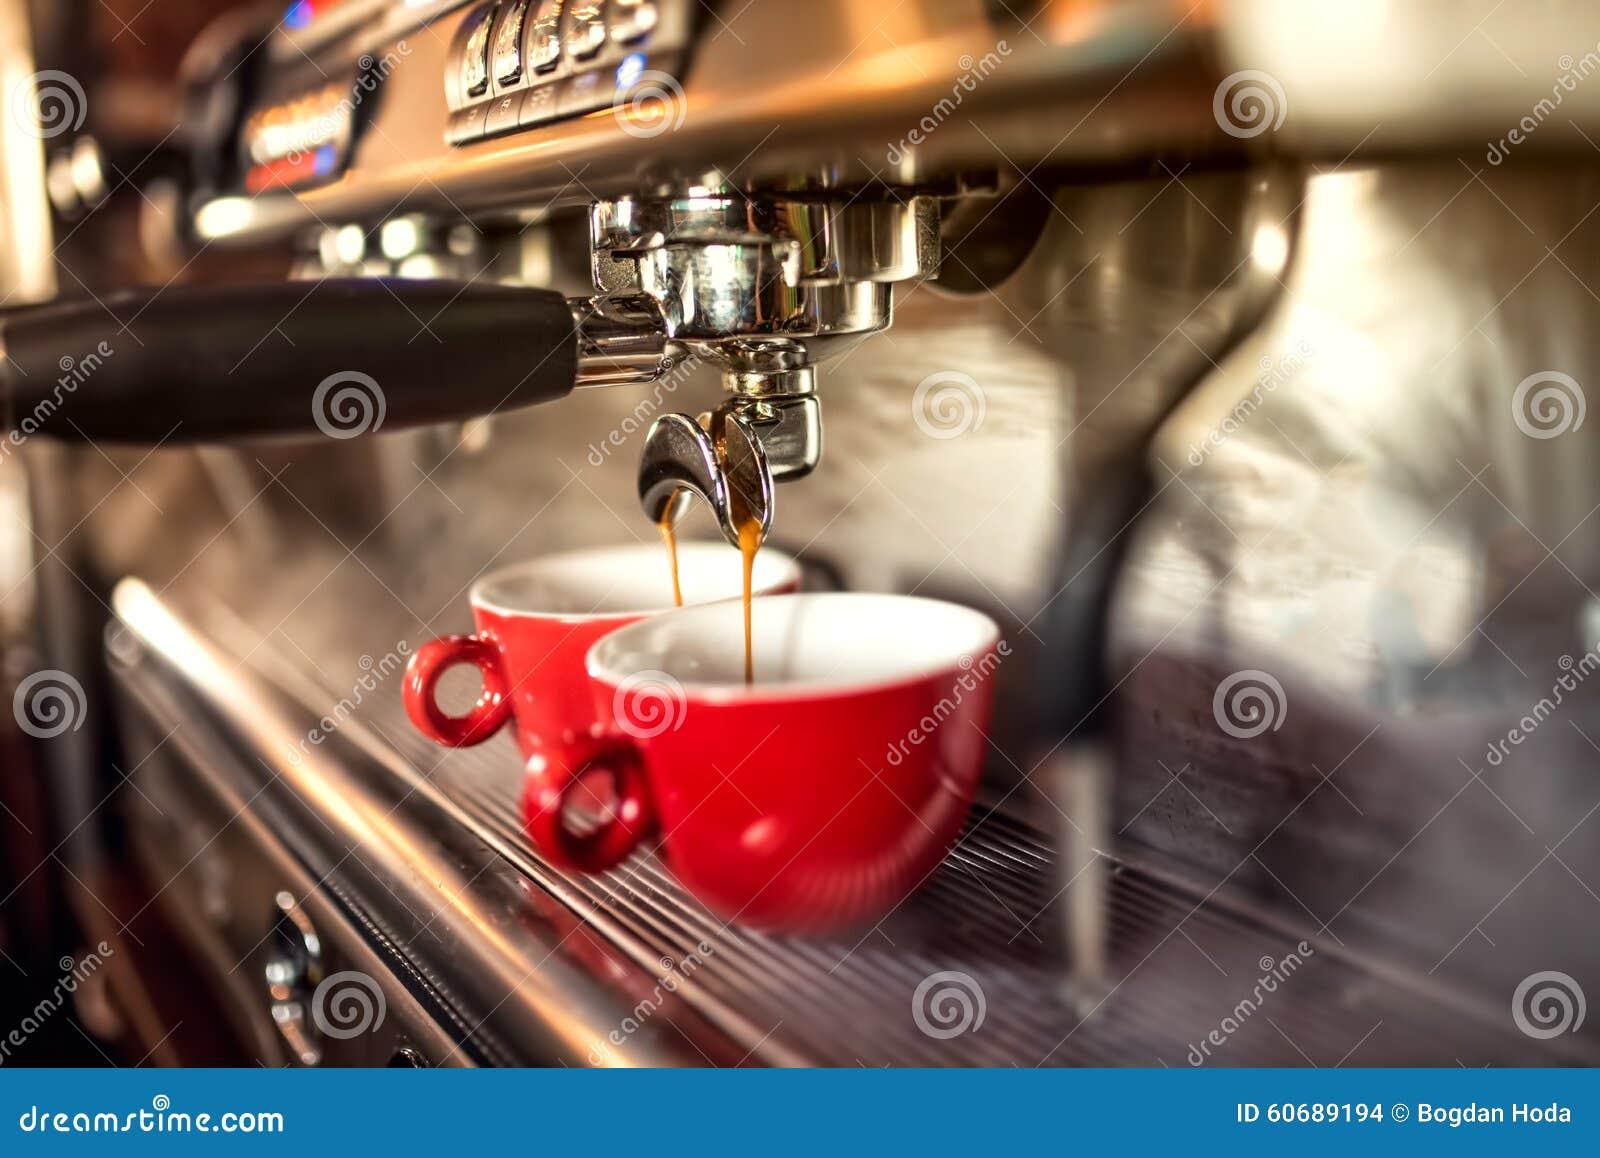 准备新鲜的咖啡和涌入红色杯子的咖啡机器在餐馆、酒吧或者客栈